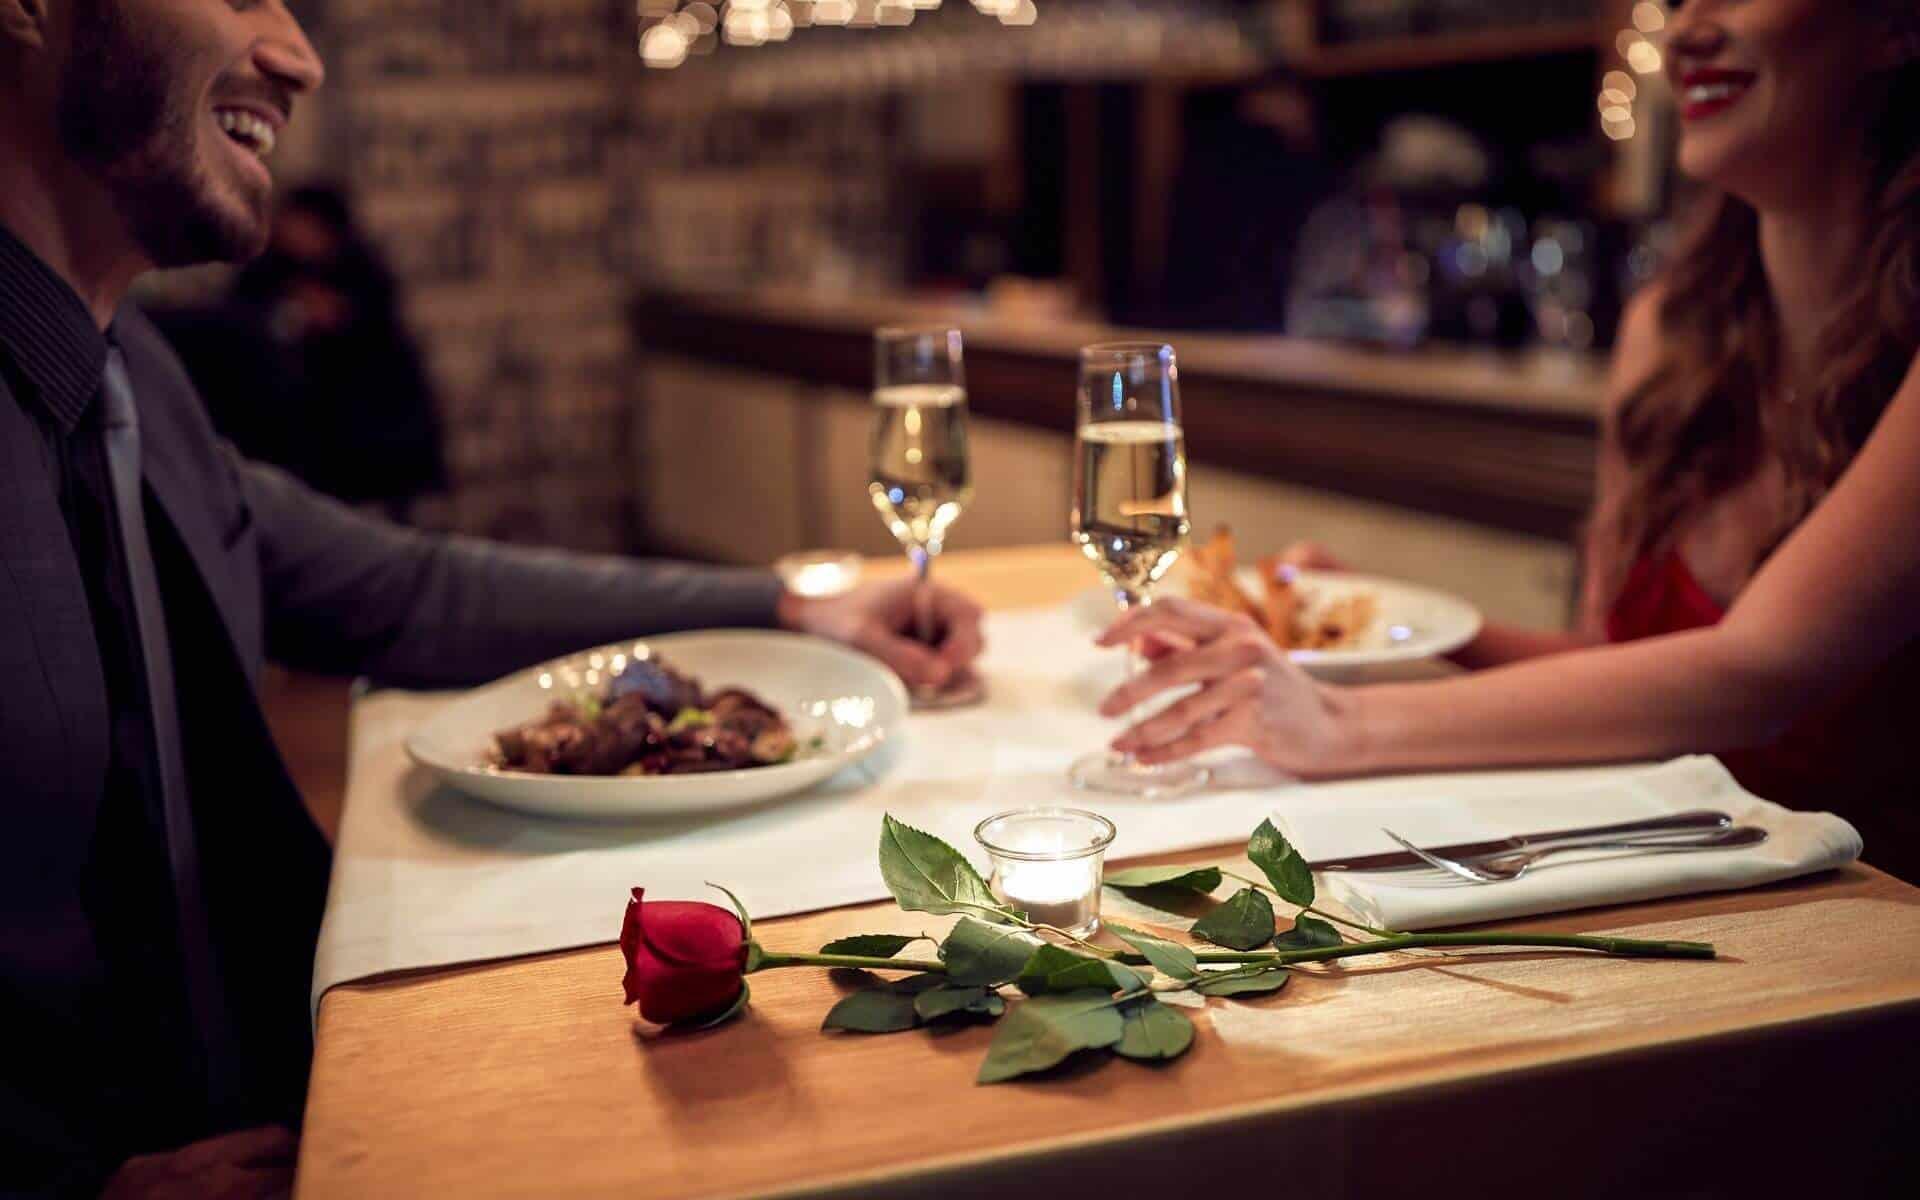 Romantische Gesten, die beweisen, dass er sich Gedanken gemacht hat